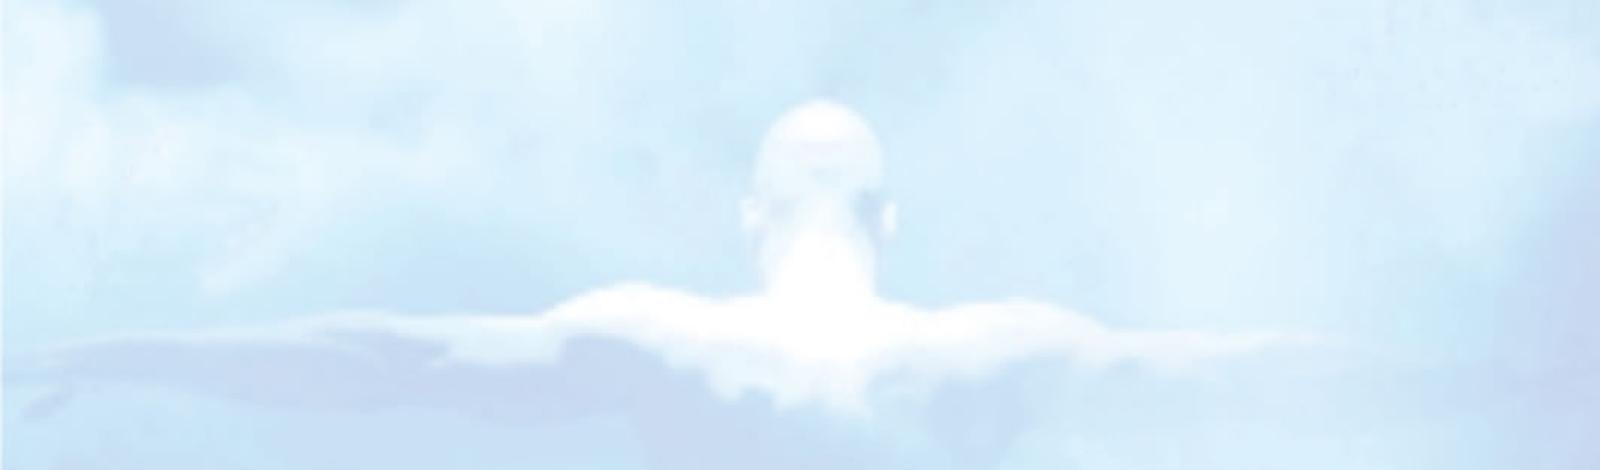 achtergrond-header-eroarbo